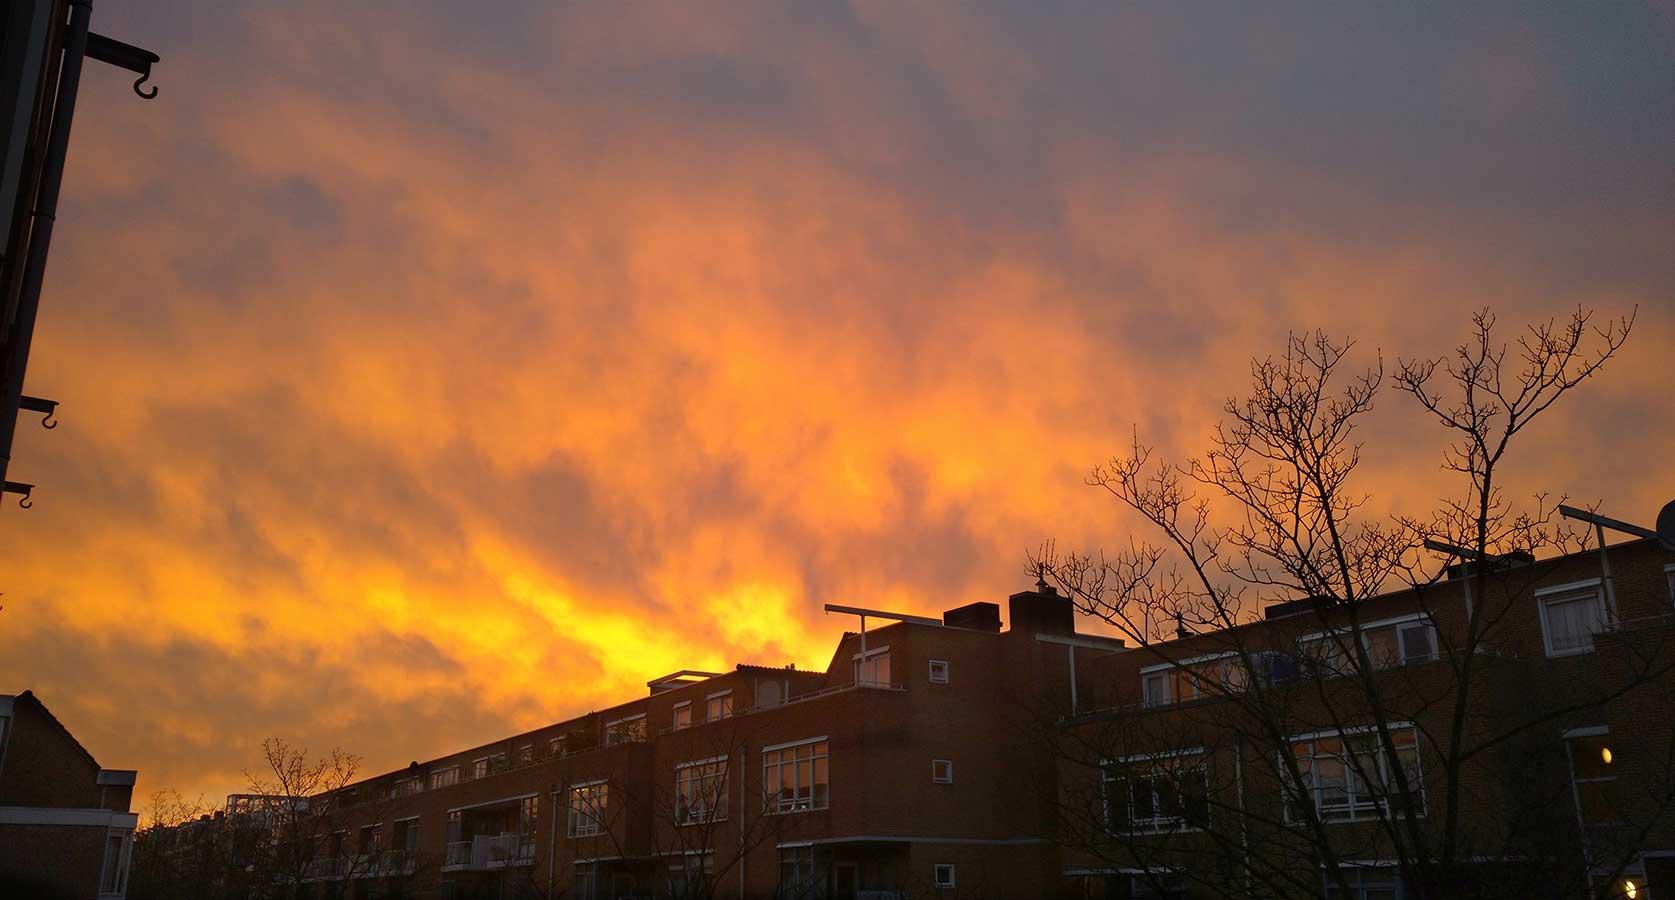 Vanaf 2de verdieping foto van oranje-gele lucht boven Commelinstraat